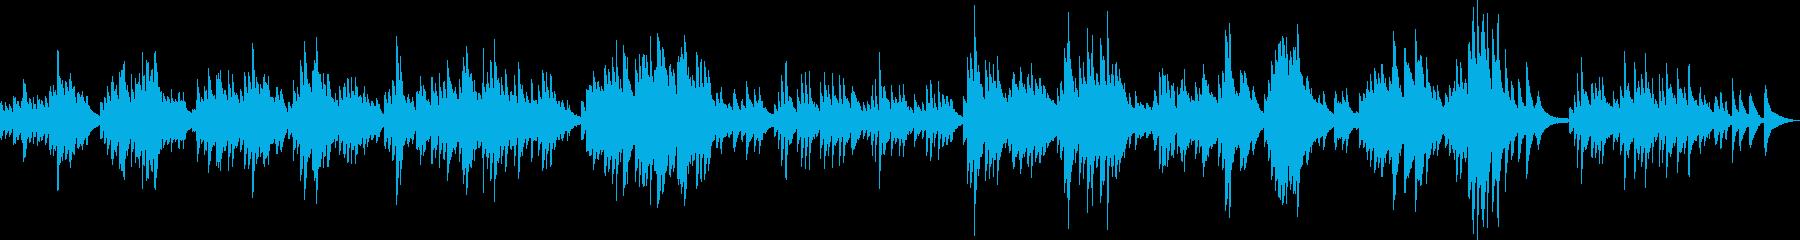 広大な草原を散歩するようなピアノBGMの再生済みの波形